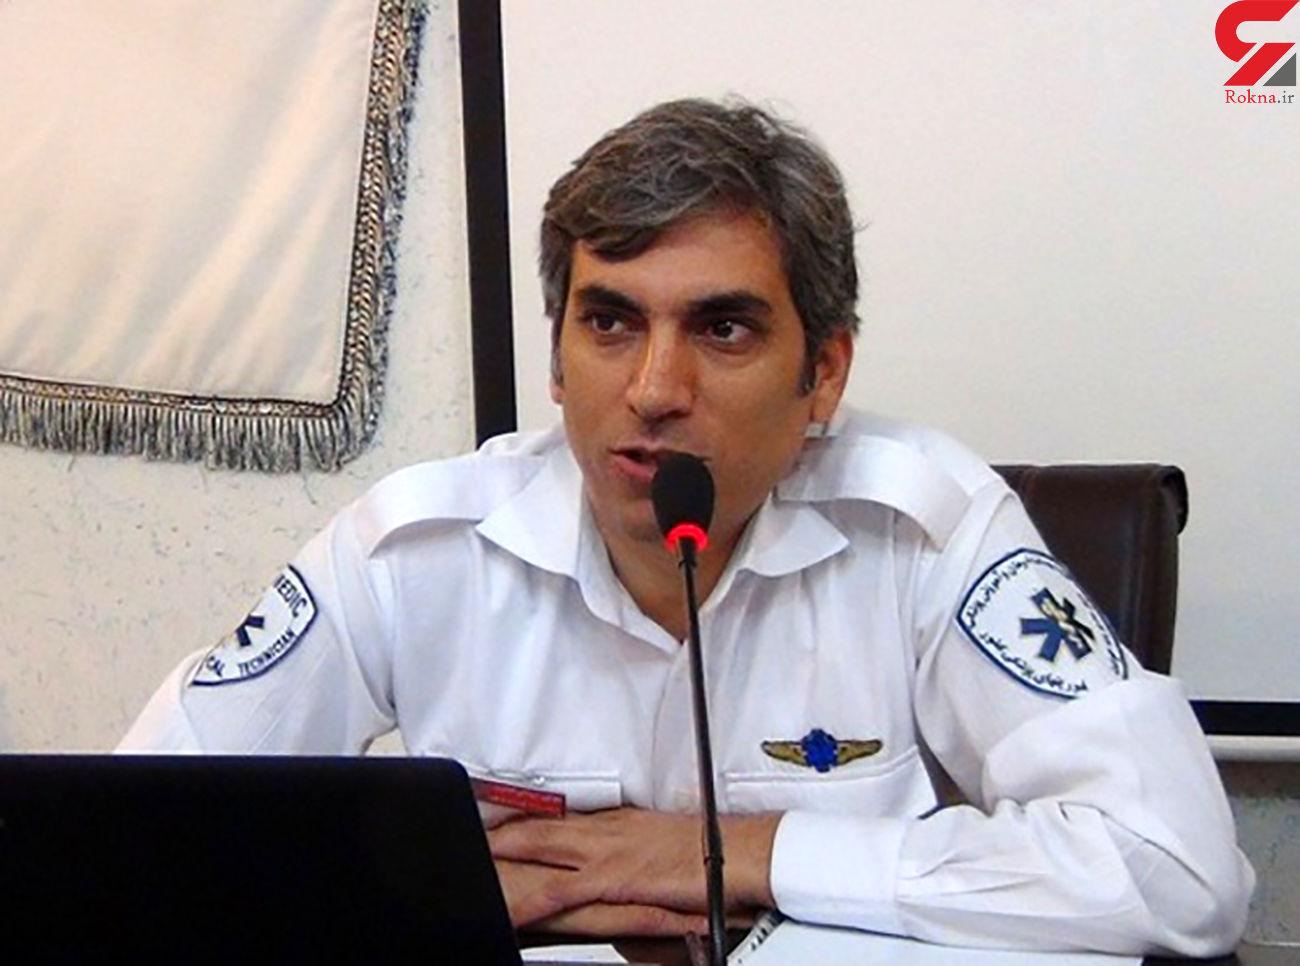 9 مصدوم در حادثه خونین جاده مشهد